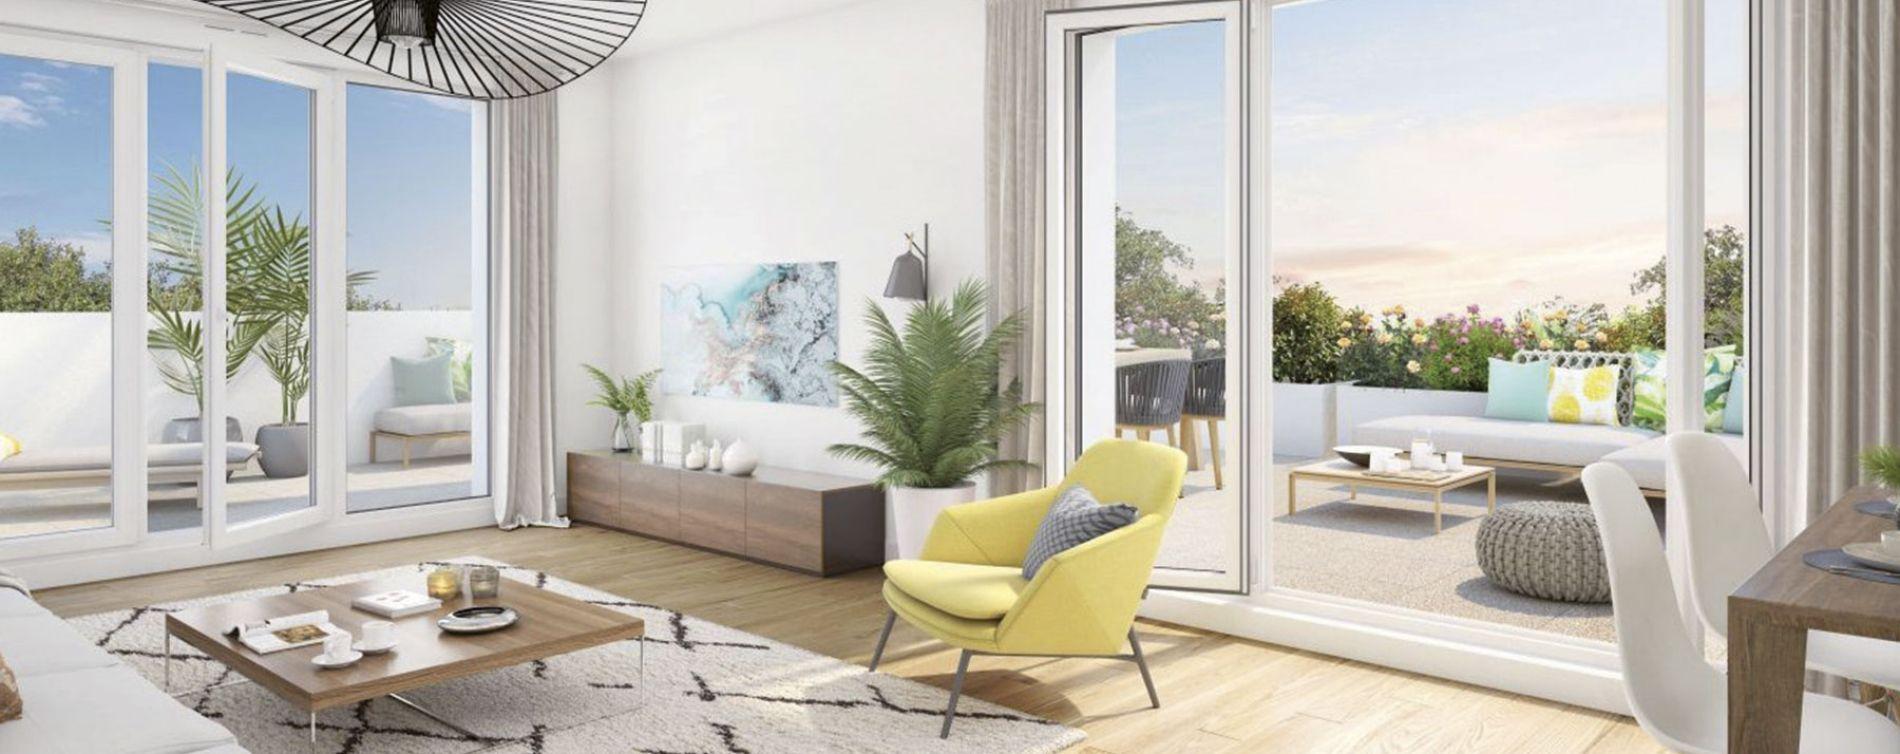 Rezé : programme immobilier neuve « Le Jardin de Charles » (4)